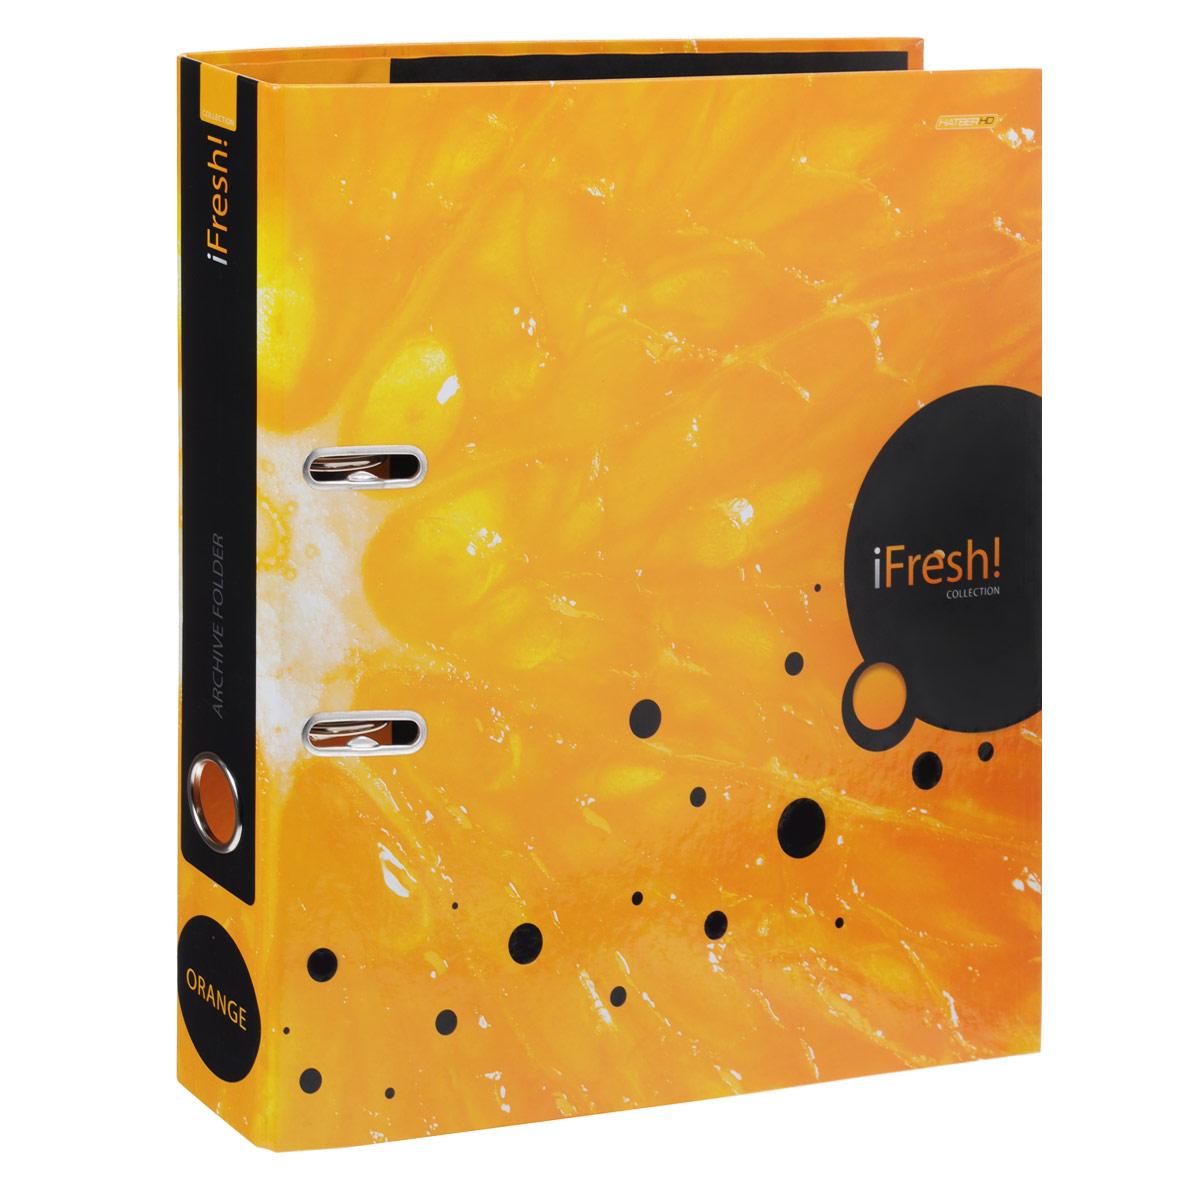 Папка-регистратор Hatber iFresh!: Апельсин, цвет: оранжевый папка регистратор hatber red on black ширина корешка 70 мм цвет черный красный